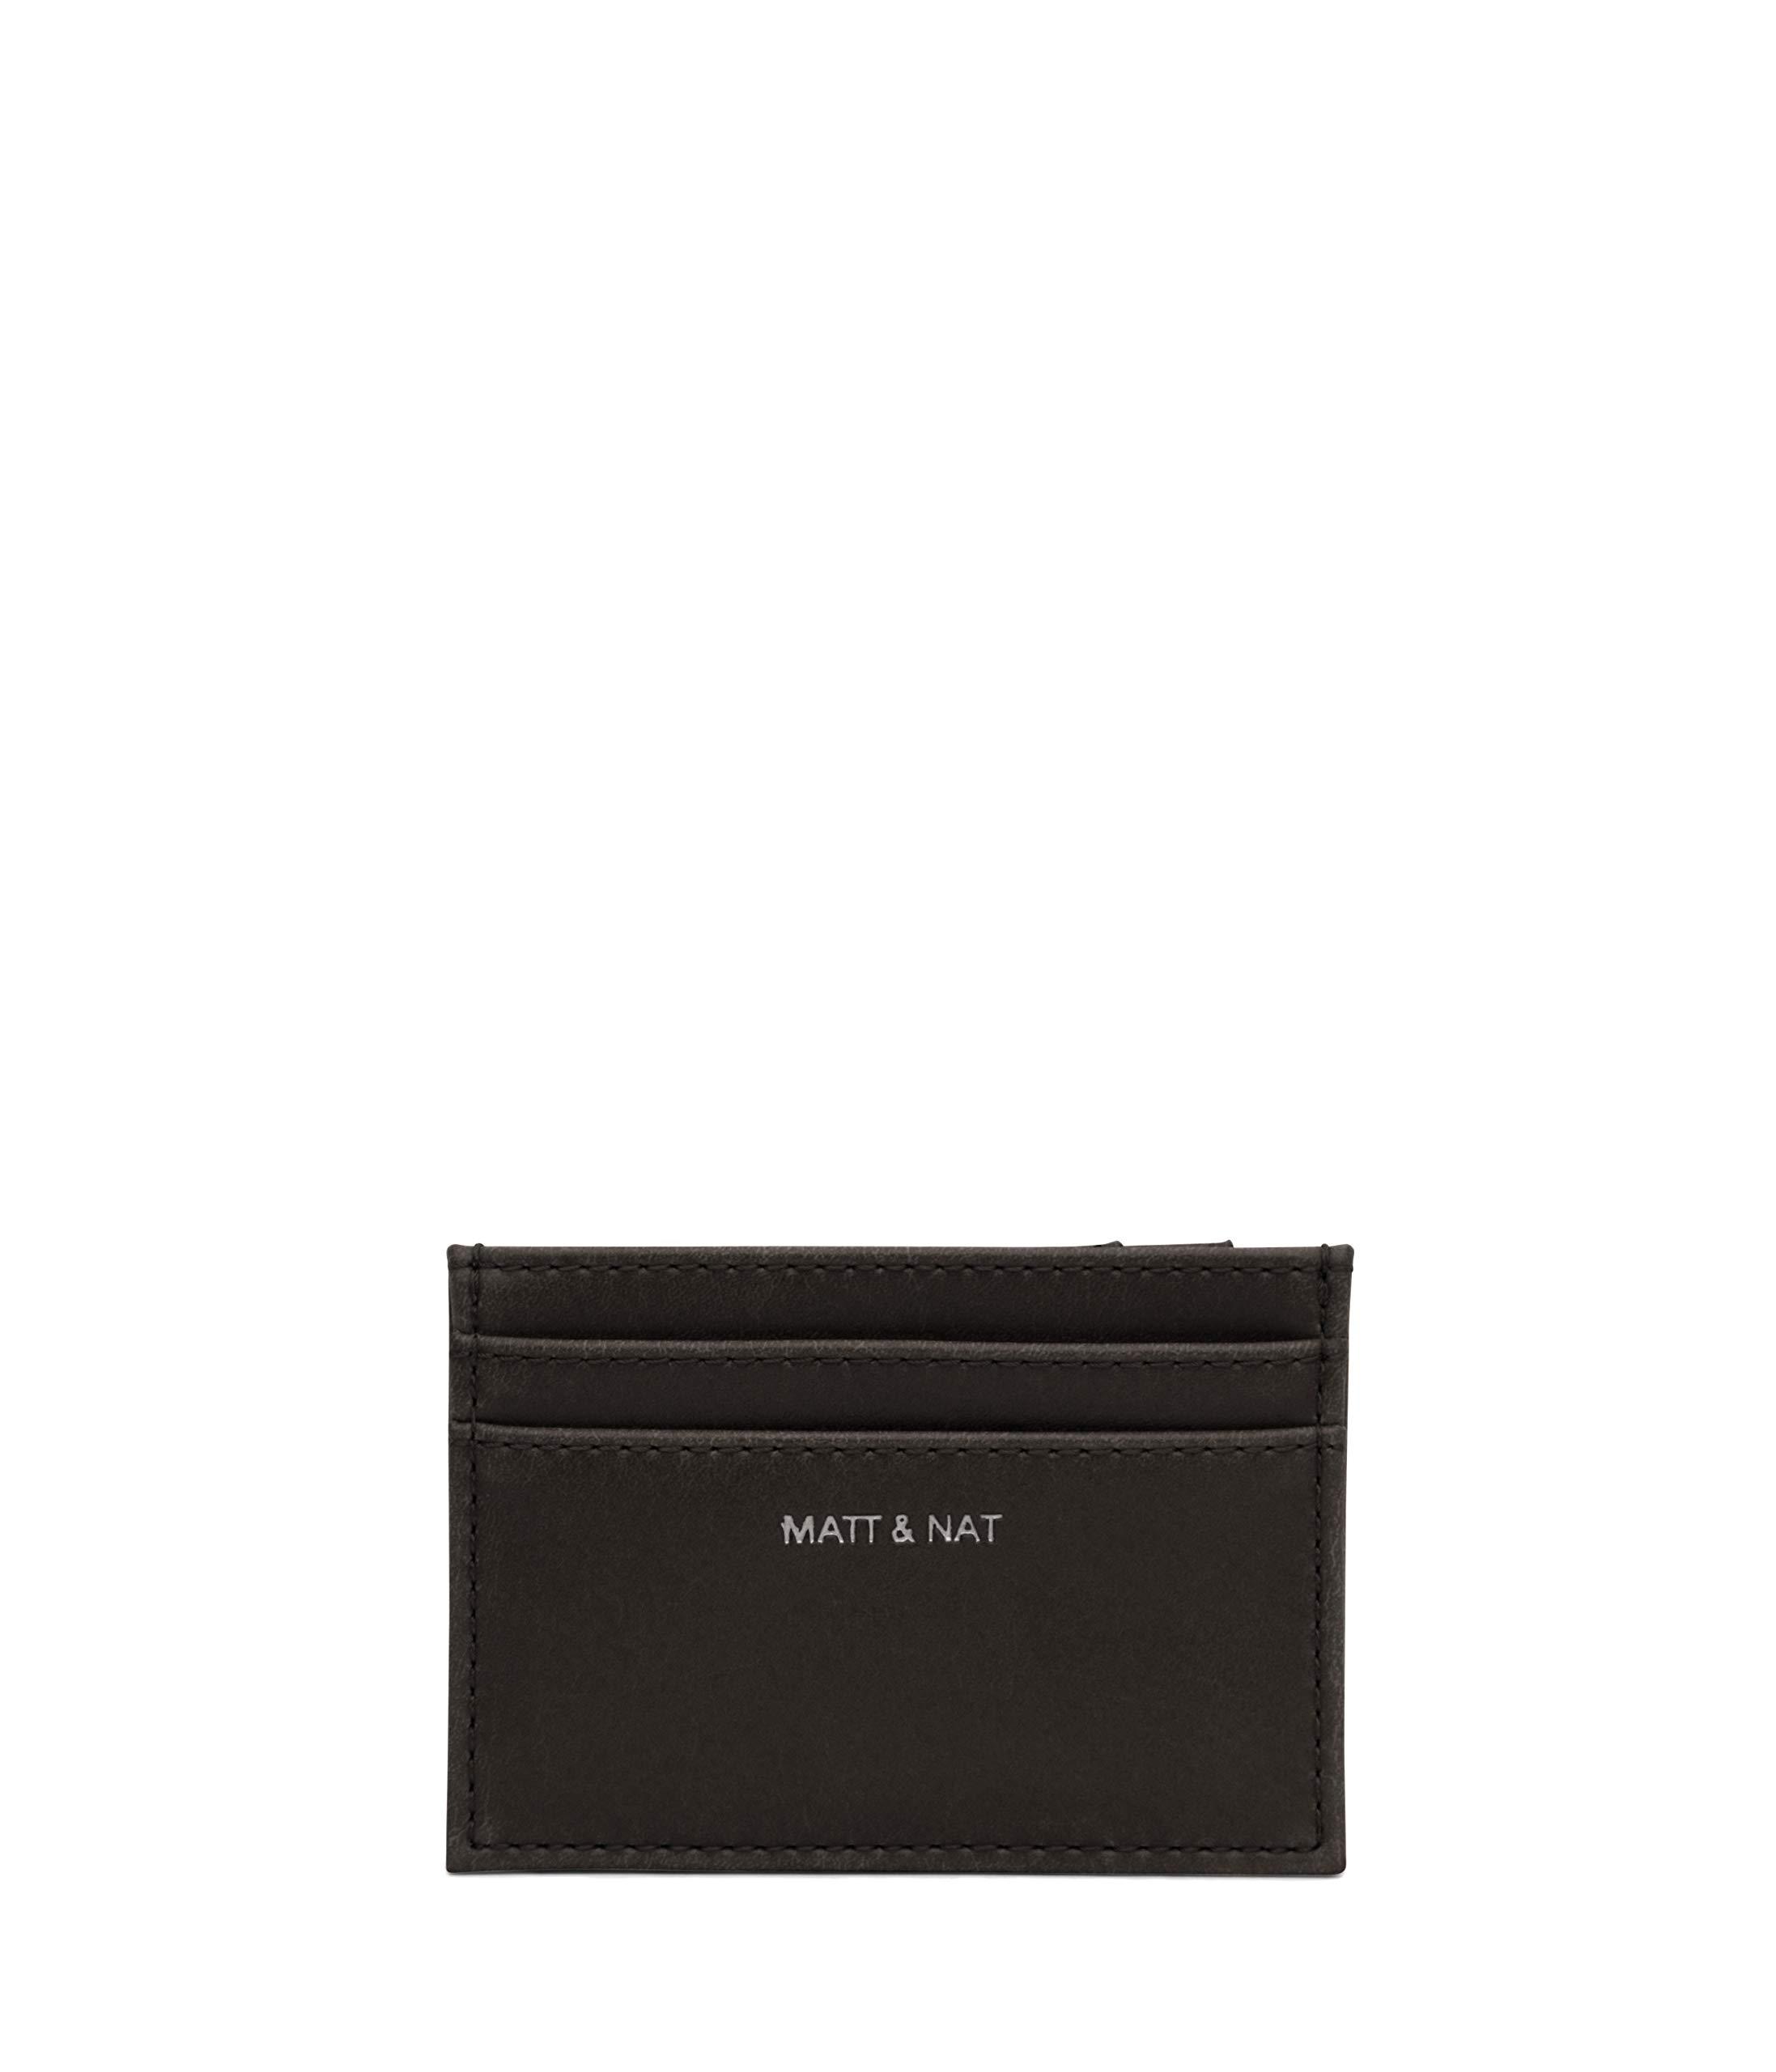 Matt & Nat Max Credit Card Holder, Black